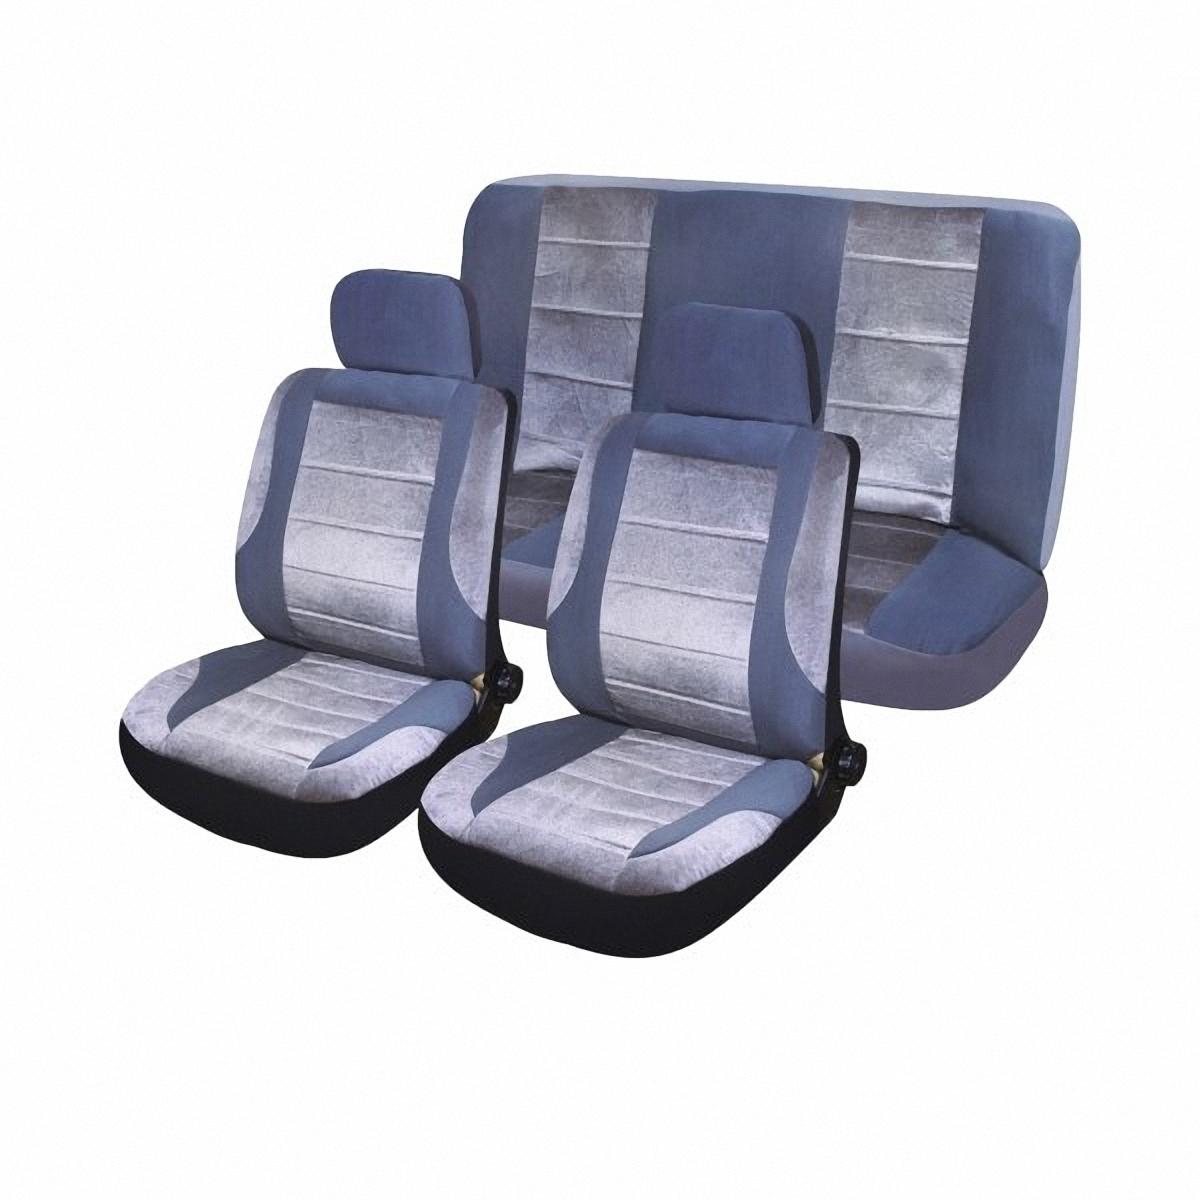 Чехлы автомобильные Skyway. SW-101091 DGY/LGY/S01301003SW-101091 DGY/LGY/S01301003Комплект классических универсальных автомобильных чехлов Skyway изготовлен из велюра. Чехлы защитят обивку сидений от вытирания и выцветания. Благодаря структуре ткани, обеспечивается улучшенная вентиляция кресел, что позволяет сделать более комфортными долгое пребывание за рулем во время дальней поездки.